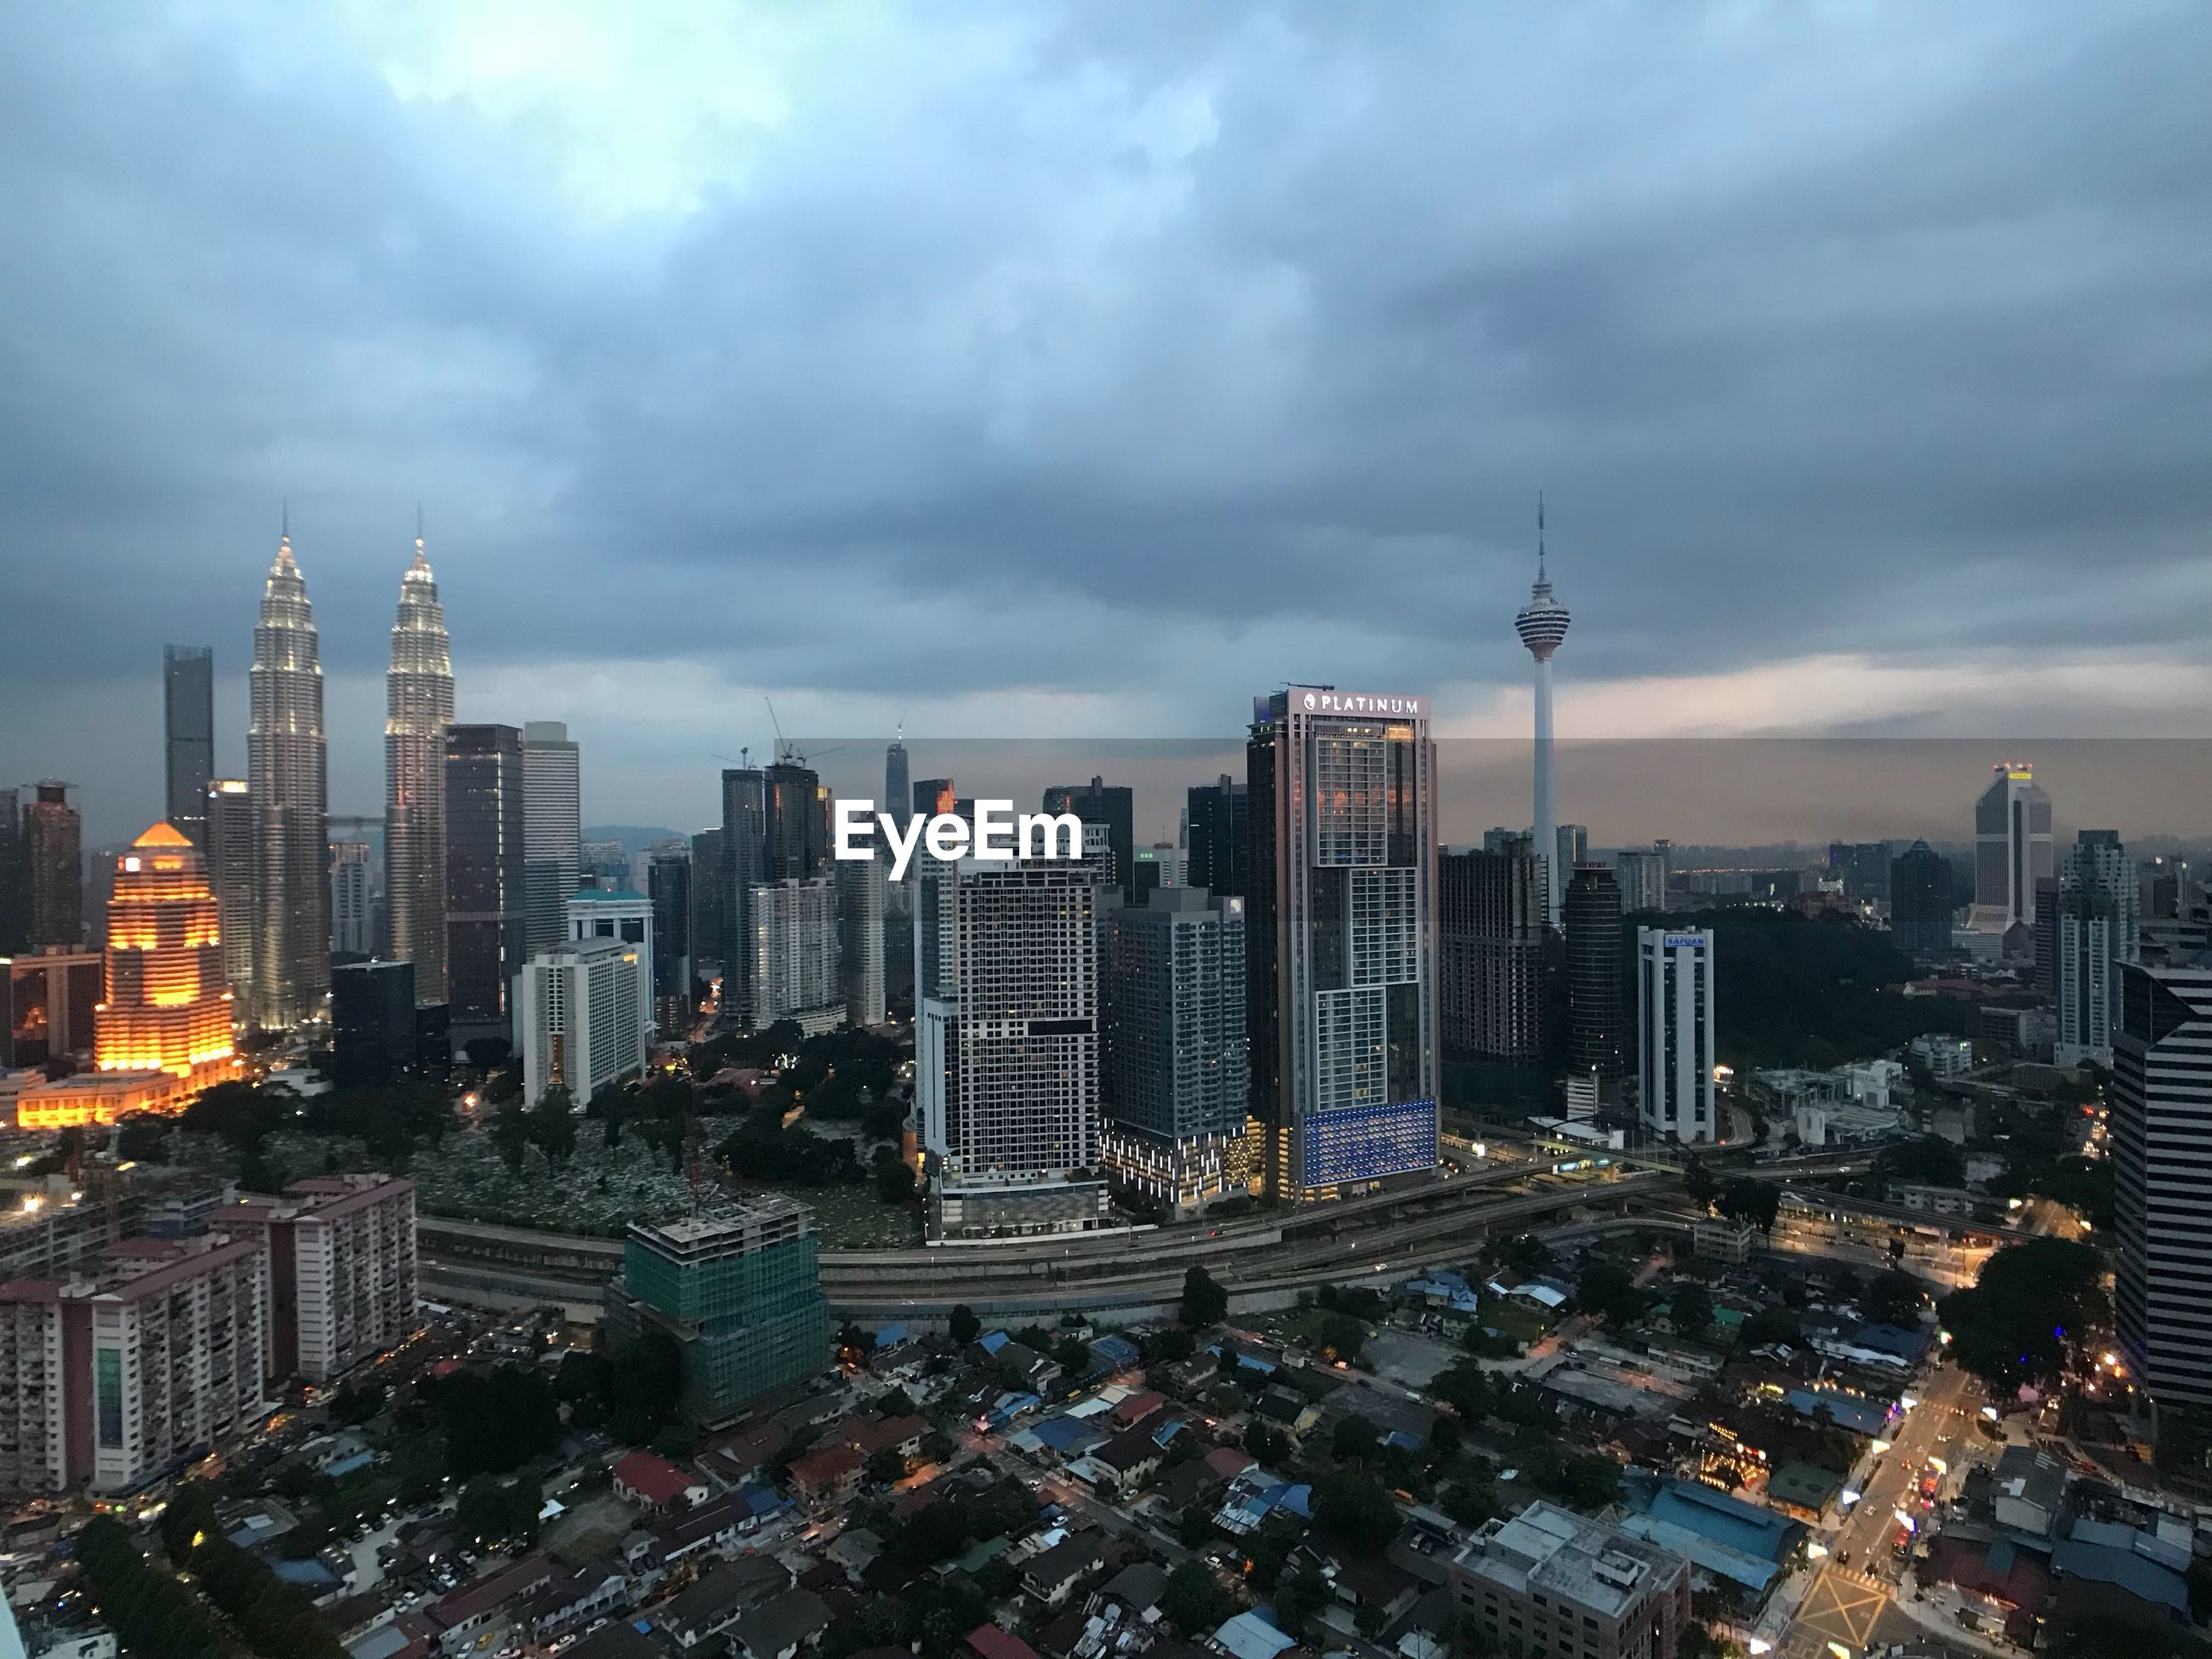 CITY BUILDINGS AGAINST CLOUDY SKY